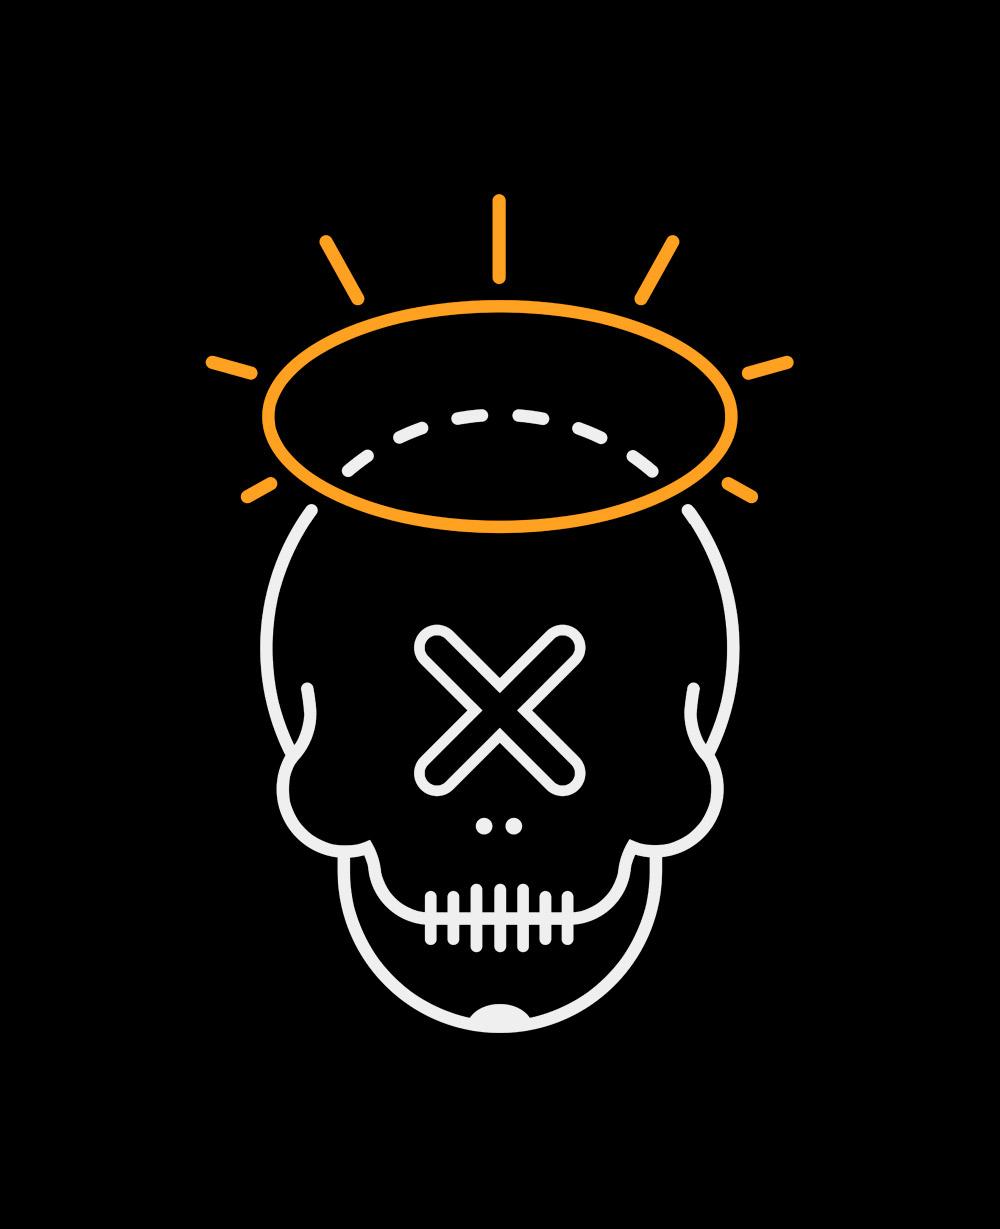 ayse-skull-mobile